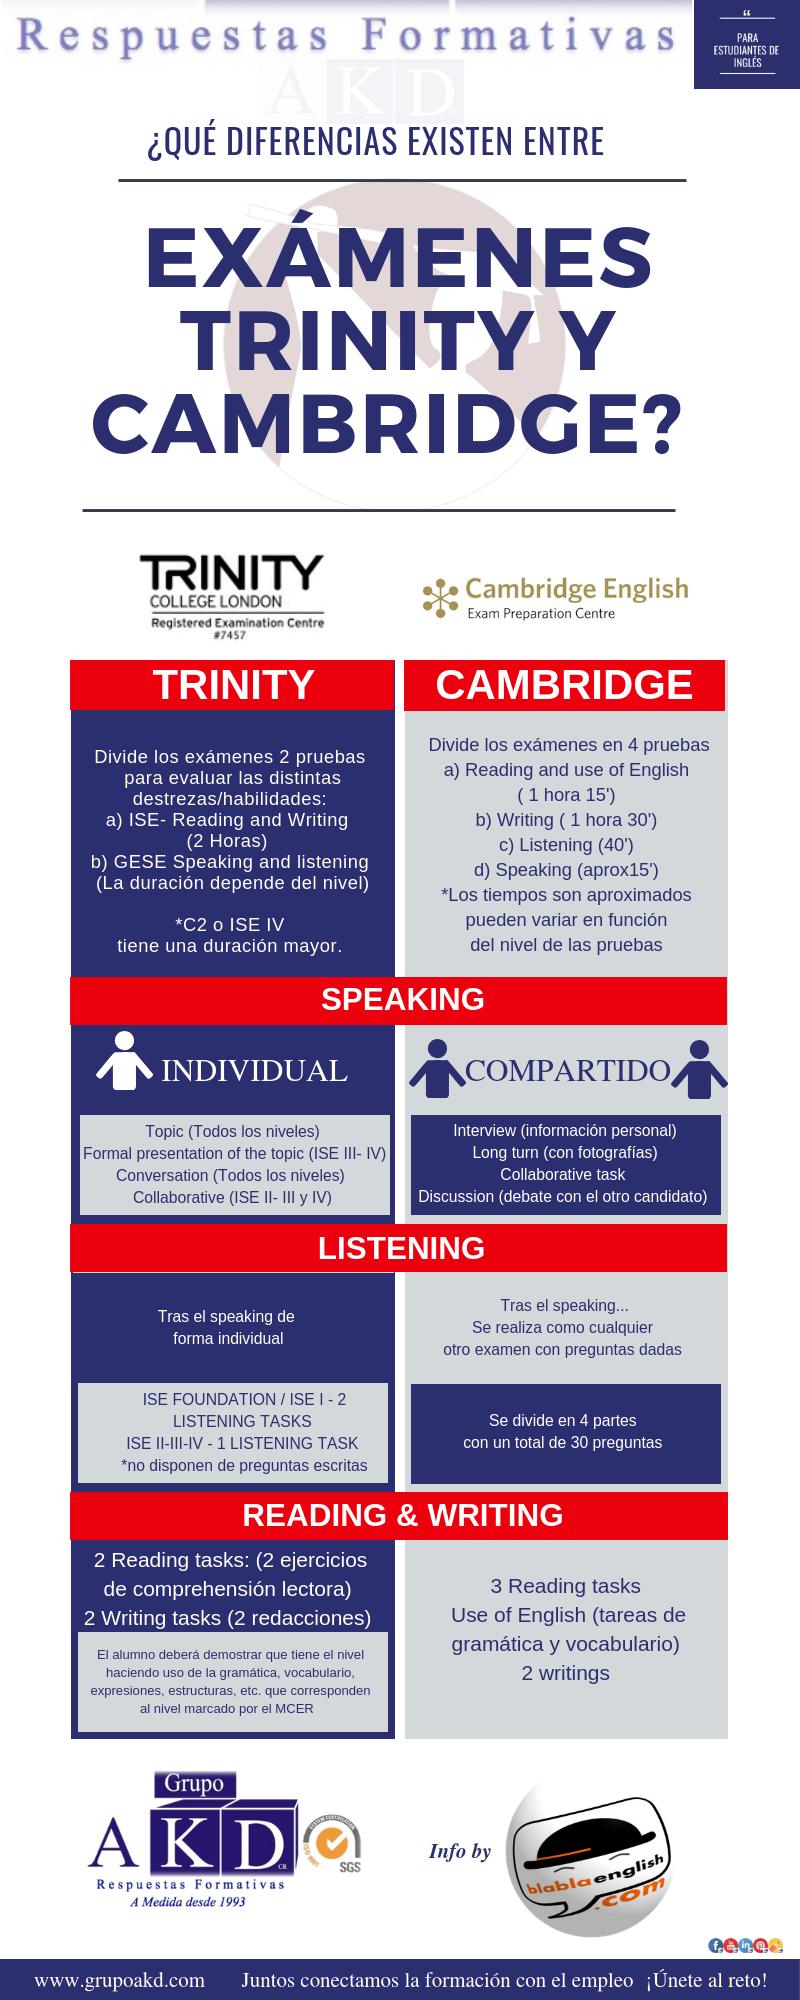 Formatos de examen Trinity y Cambridge